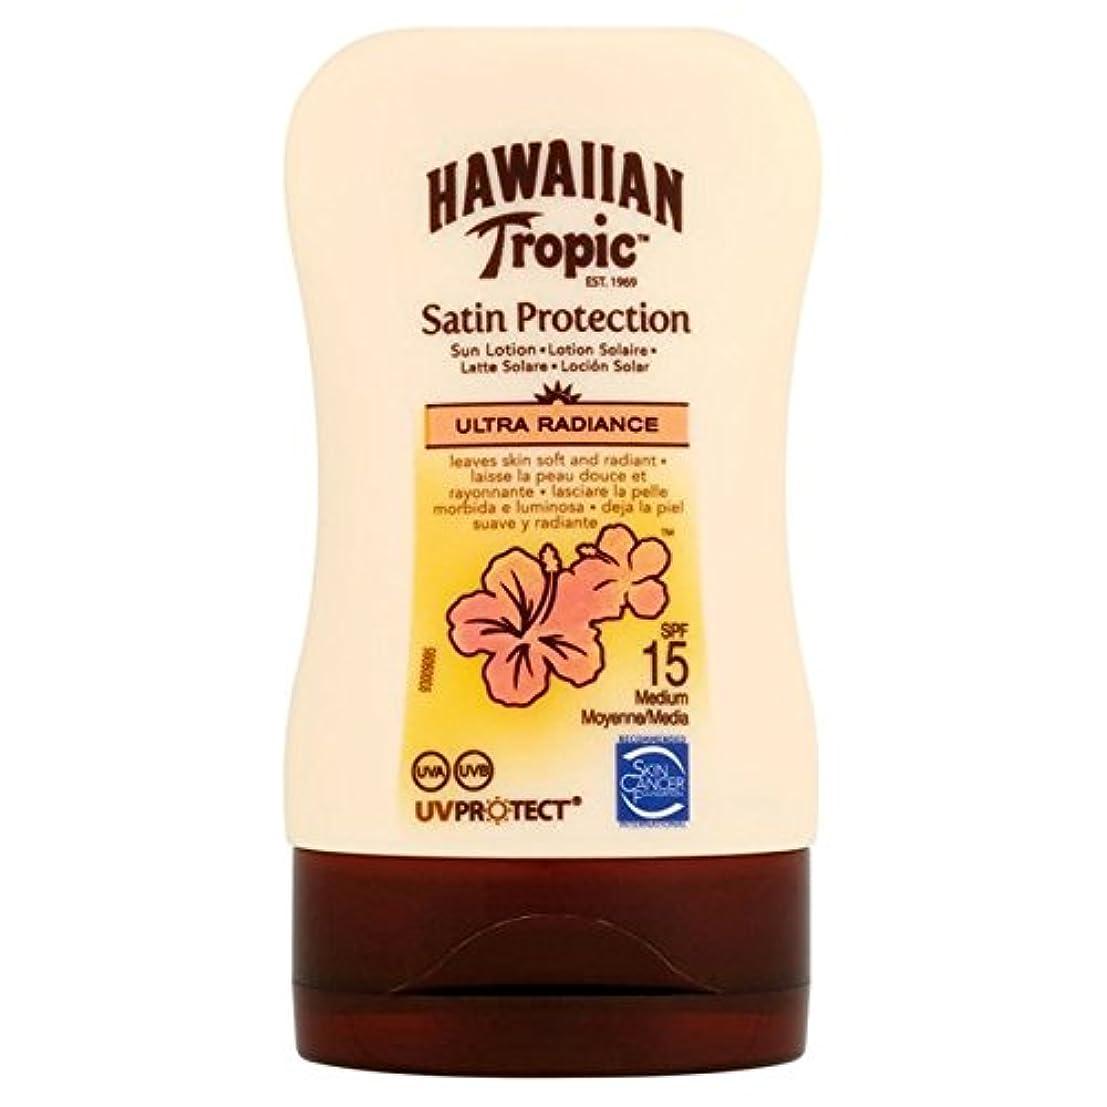 敬意を表して発疹シェル南国ハワイの保護ローション15超放射輝度100ミリリットル x4 - Hawaiian Tropic Protective Lotion SPF15 Ultra Radiance 100ml (Pack of 4) [並行輸入品]